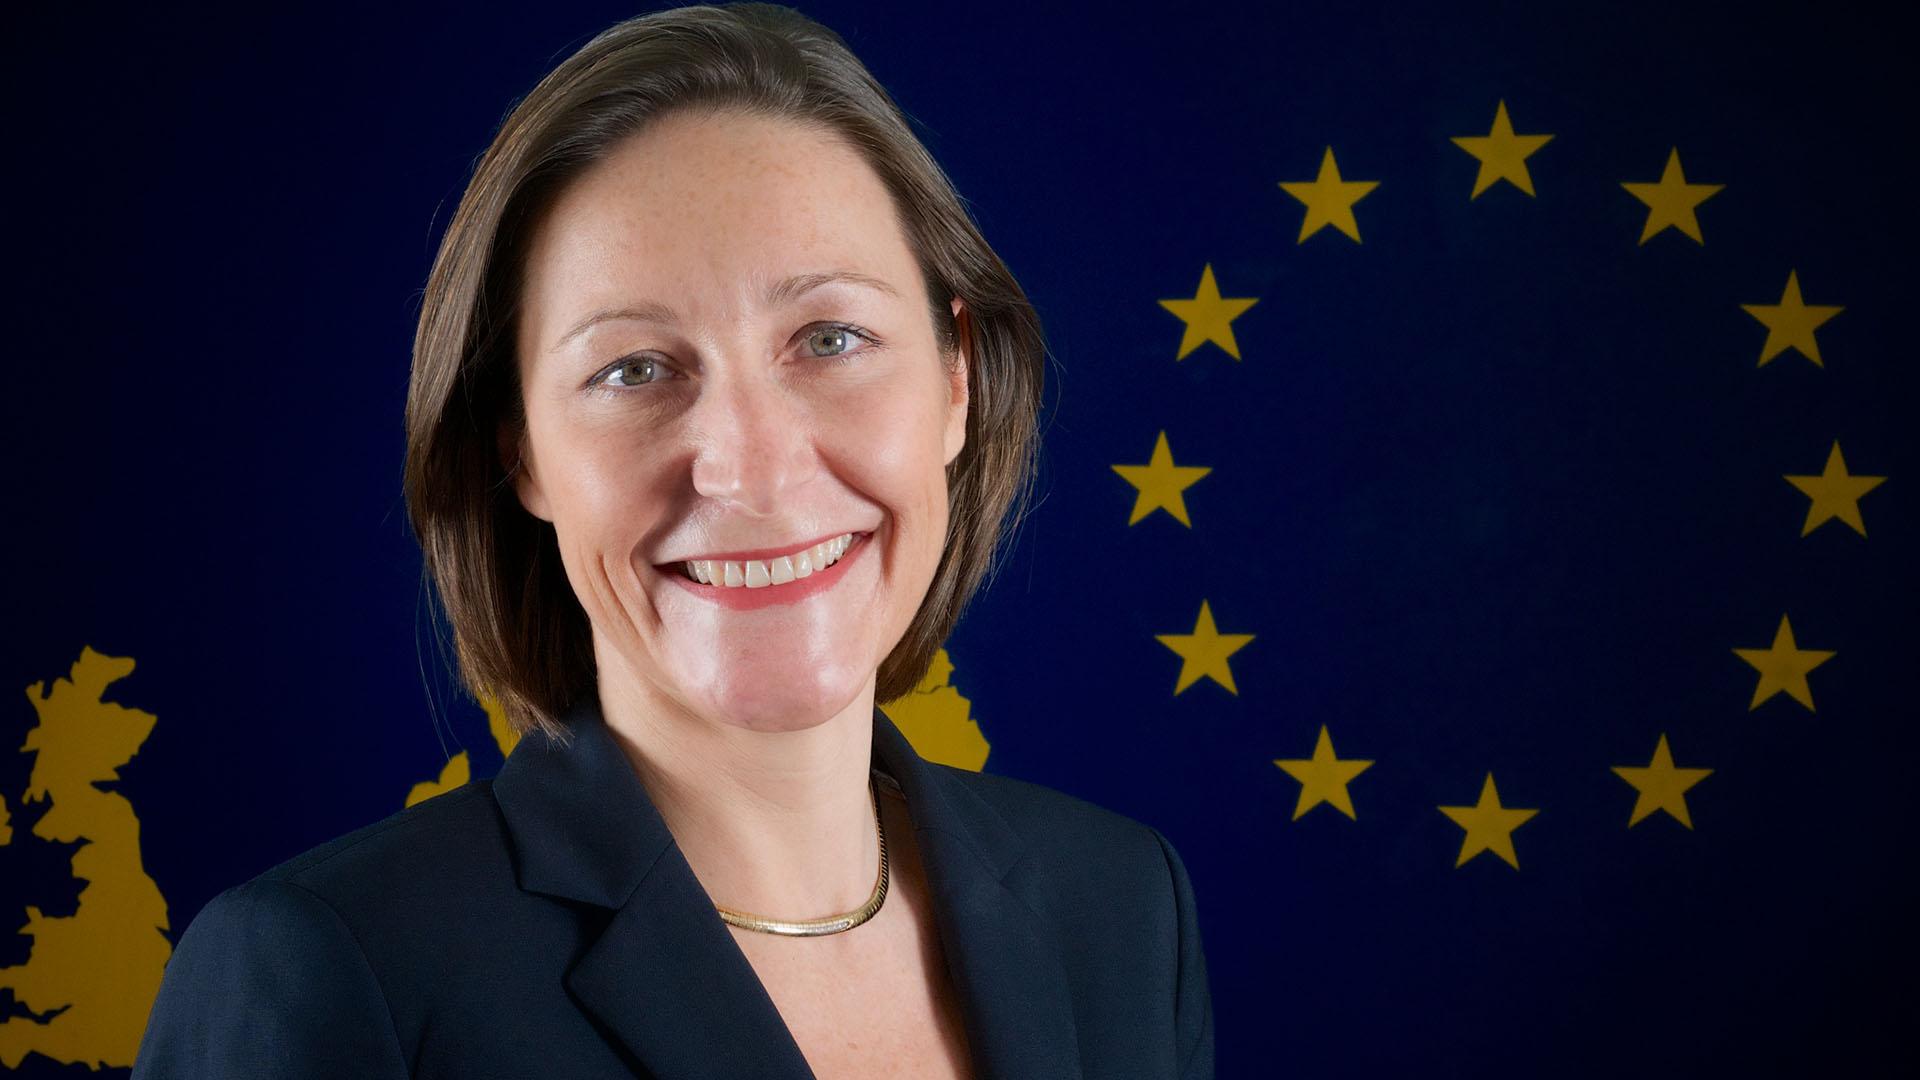 La embajadora de la UE en la Argentina, Aude Maio-Coliche